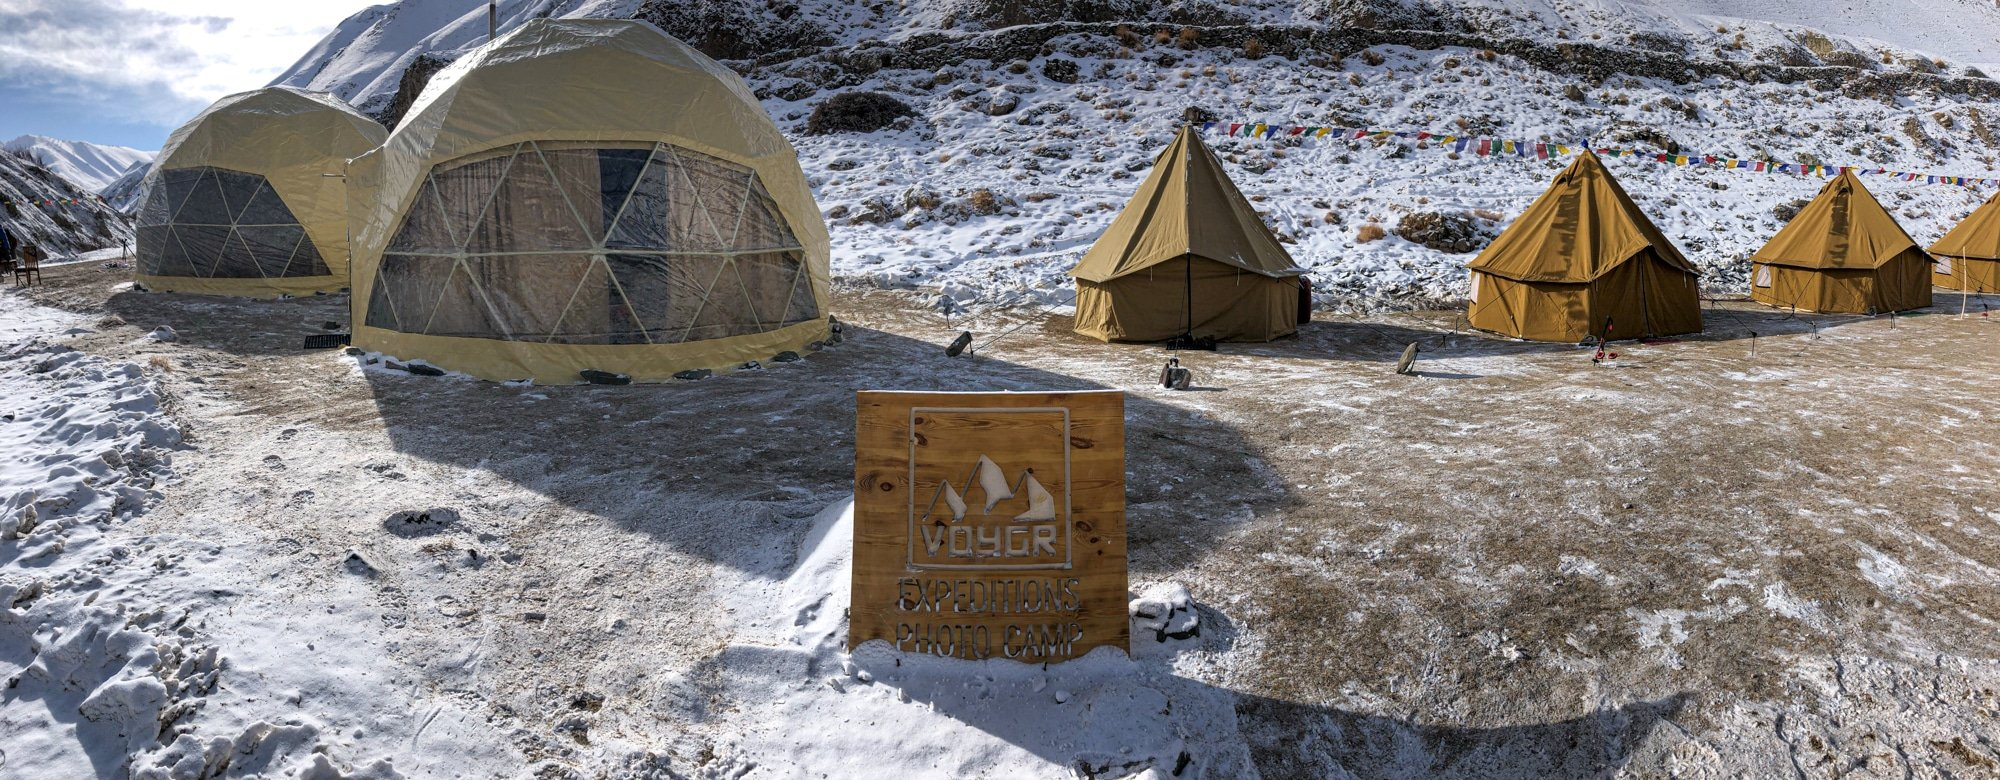 Snow Leopard Tour Snow Leopard Expedition